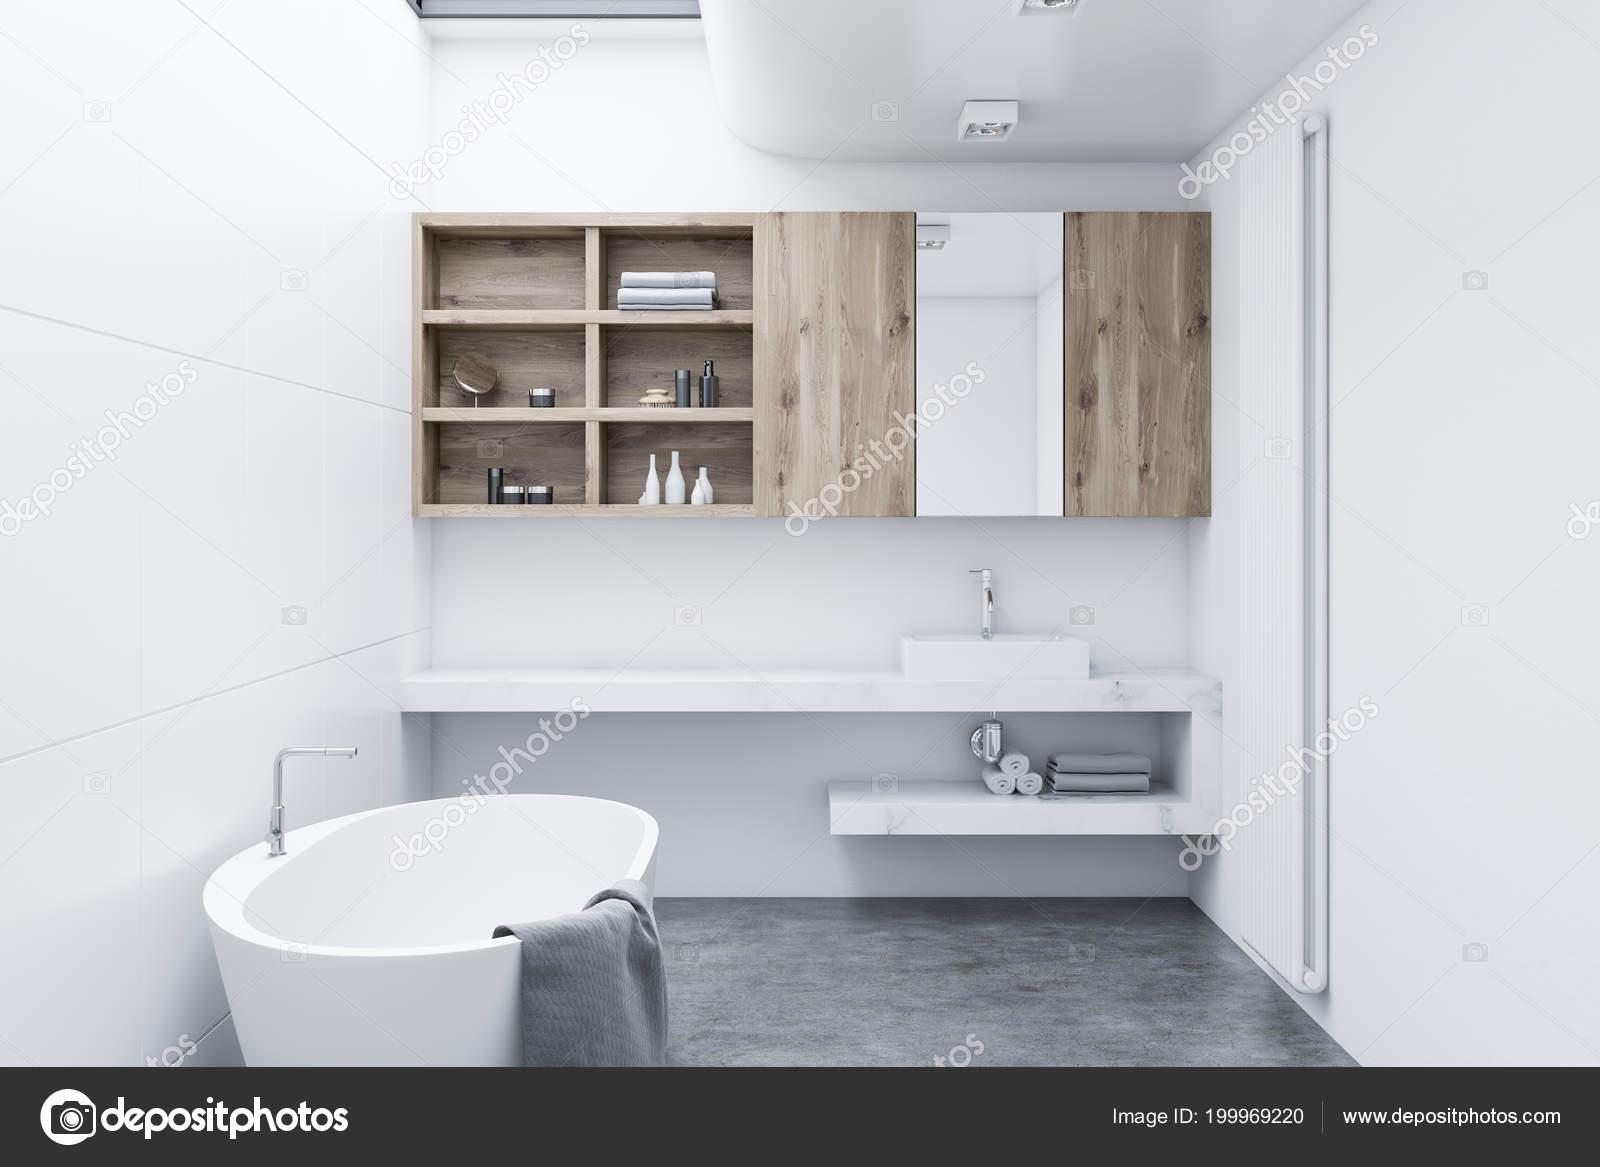 Intérieur Blanc Salle Bains Moderne Avec Armoires Bois Une Baignoire ...